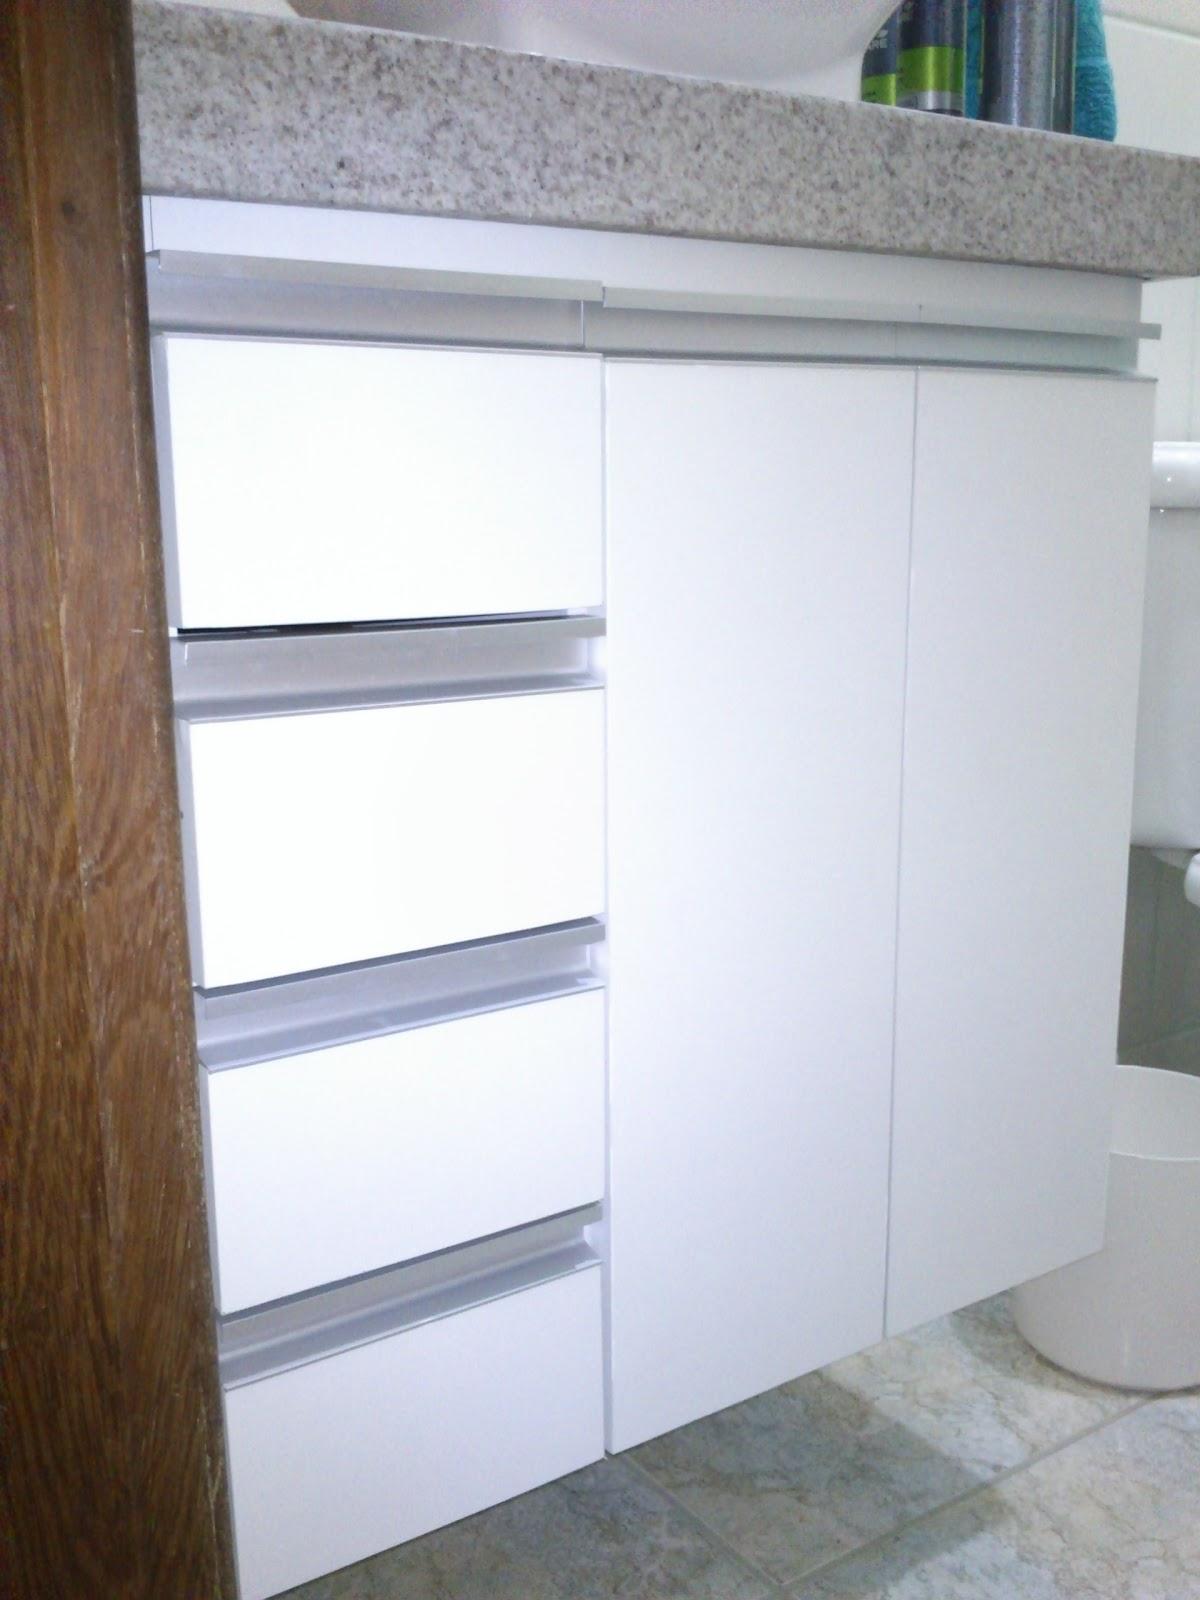 Armário para Banheiro (Padrão Branco) Puxadores em Perfil de  #3F2E1F 1200x1600 Armario Banheiro De Aluminio